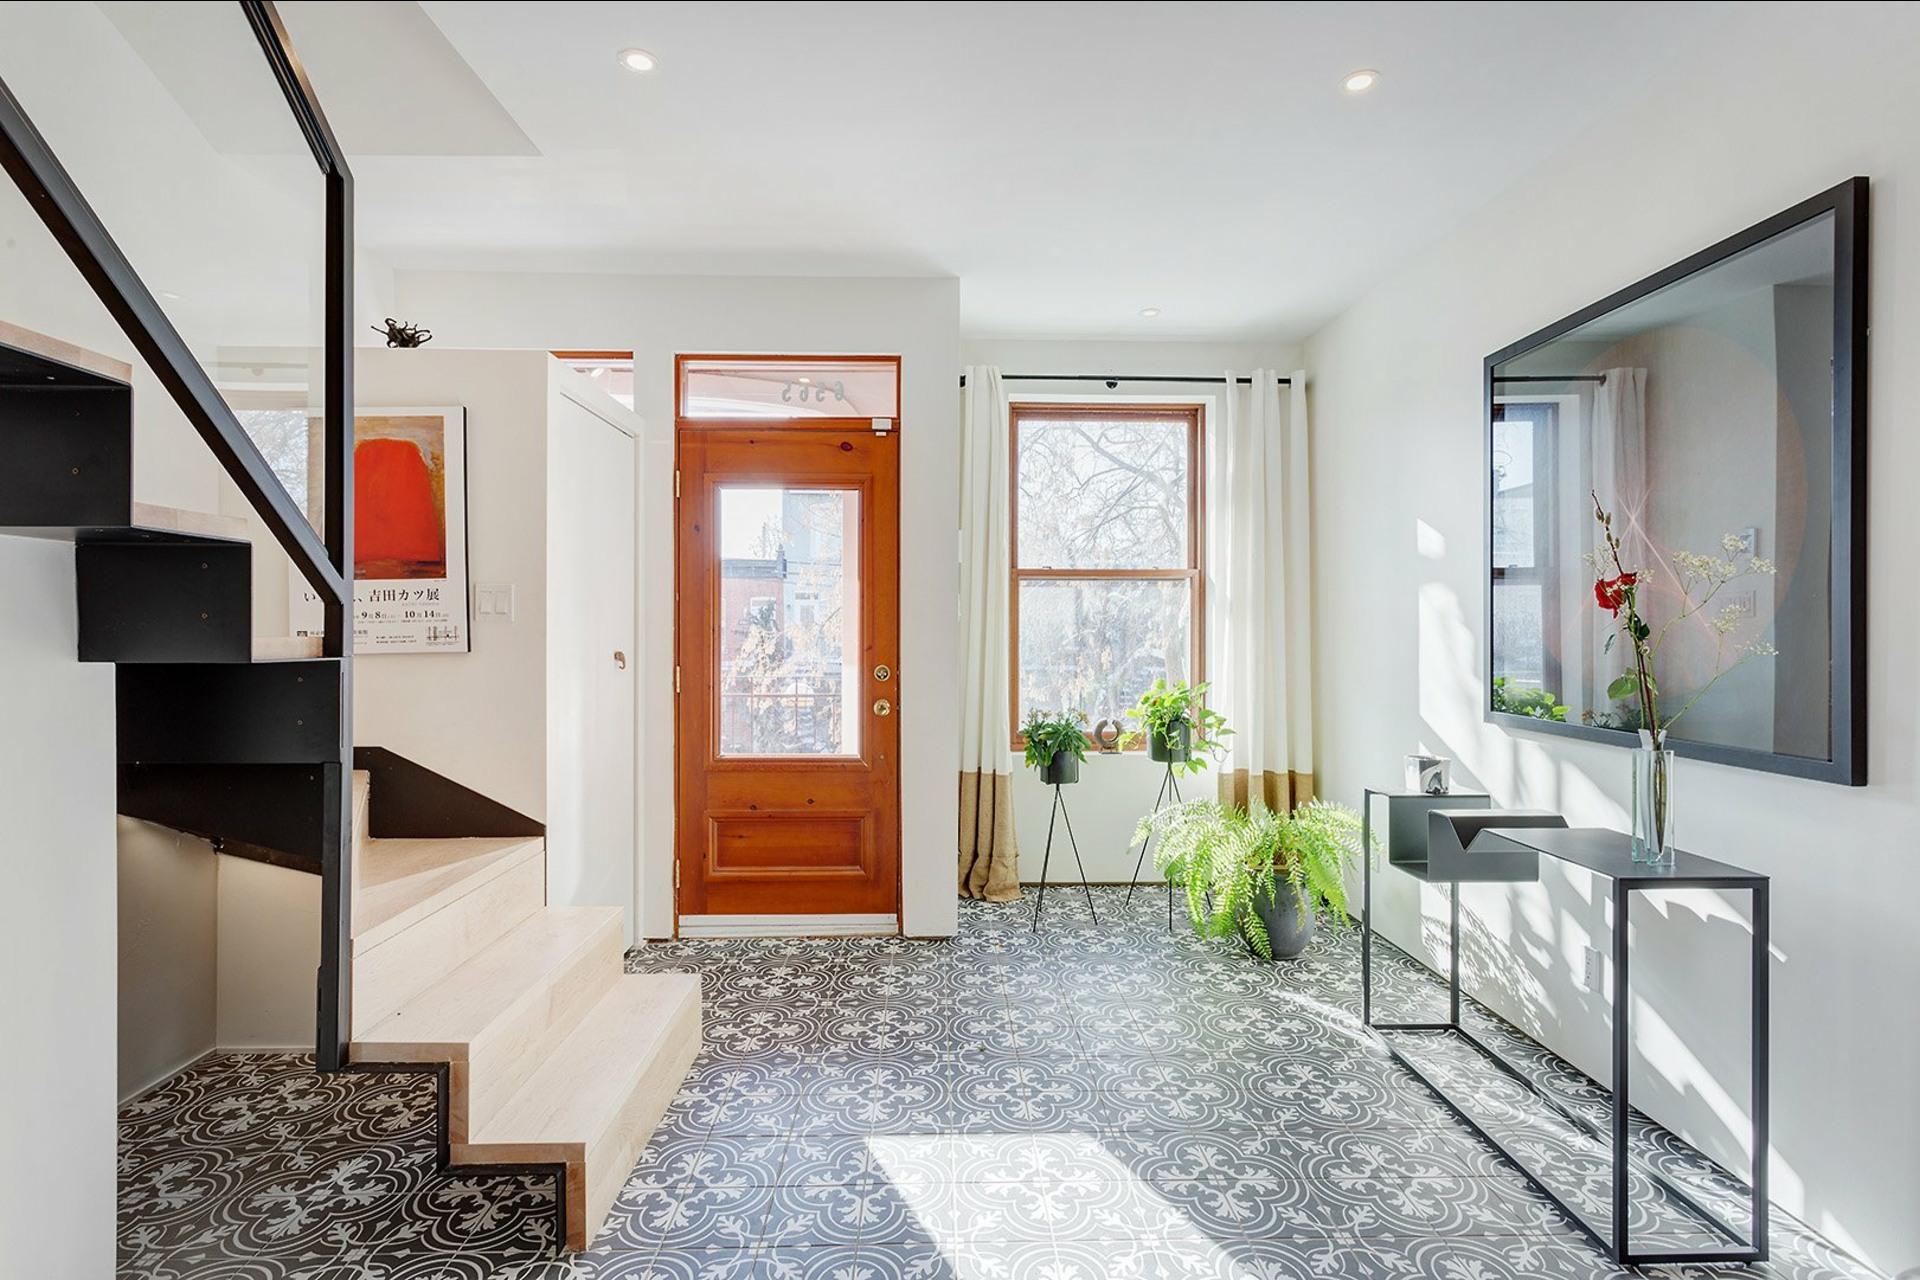 image 2 - Appartement À vendre Rosemont/La Petite-Patrie Montréal  - 13 pièces